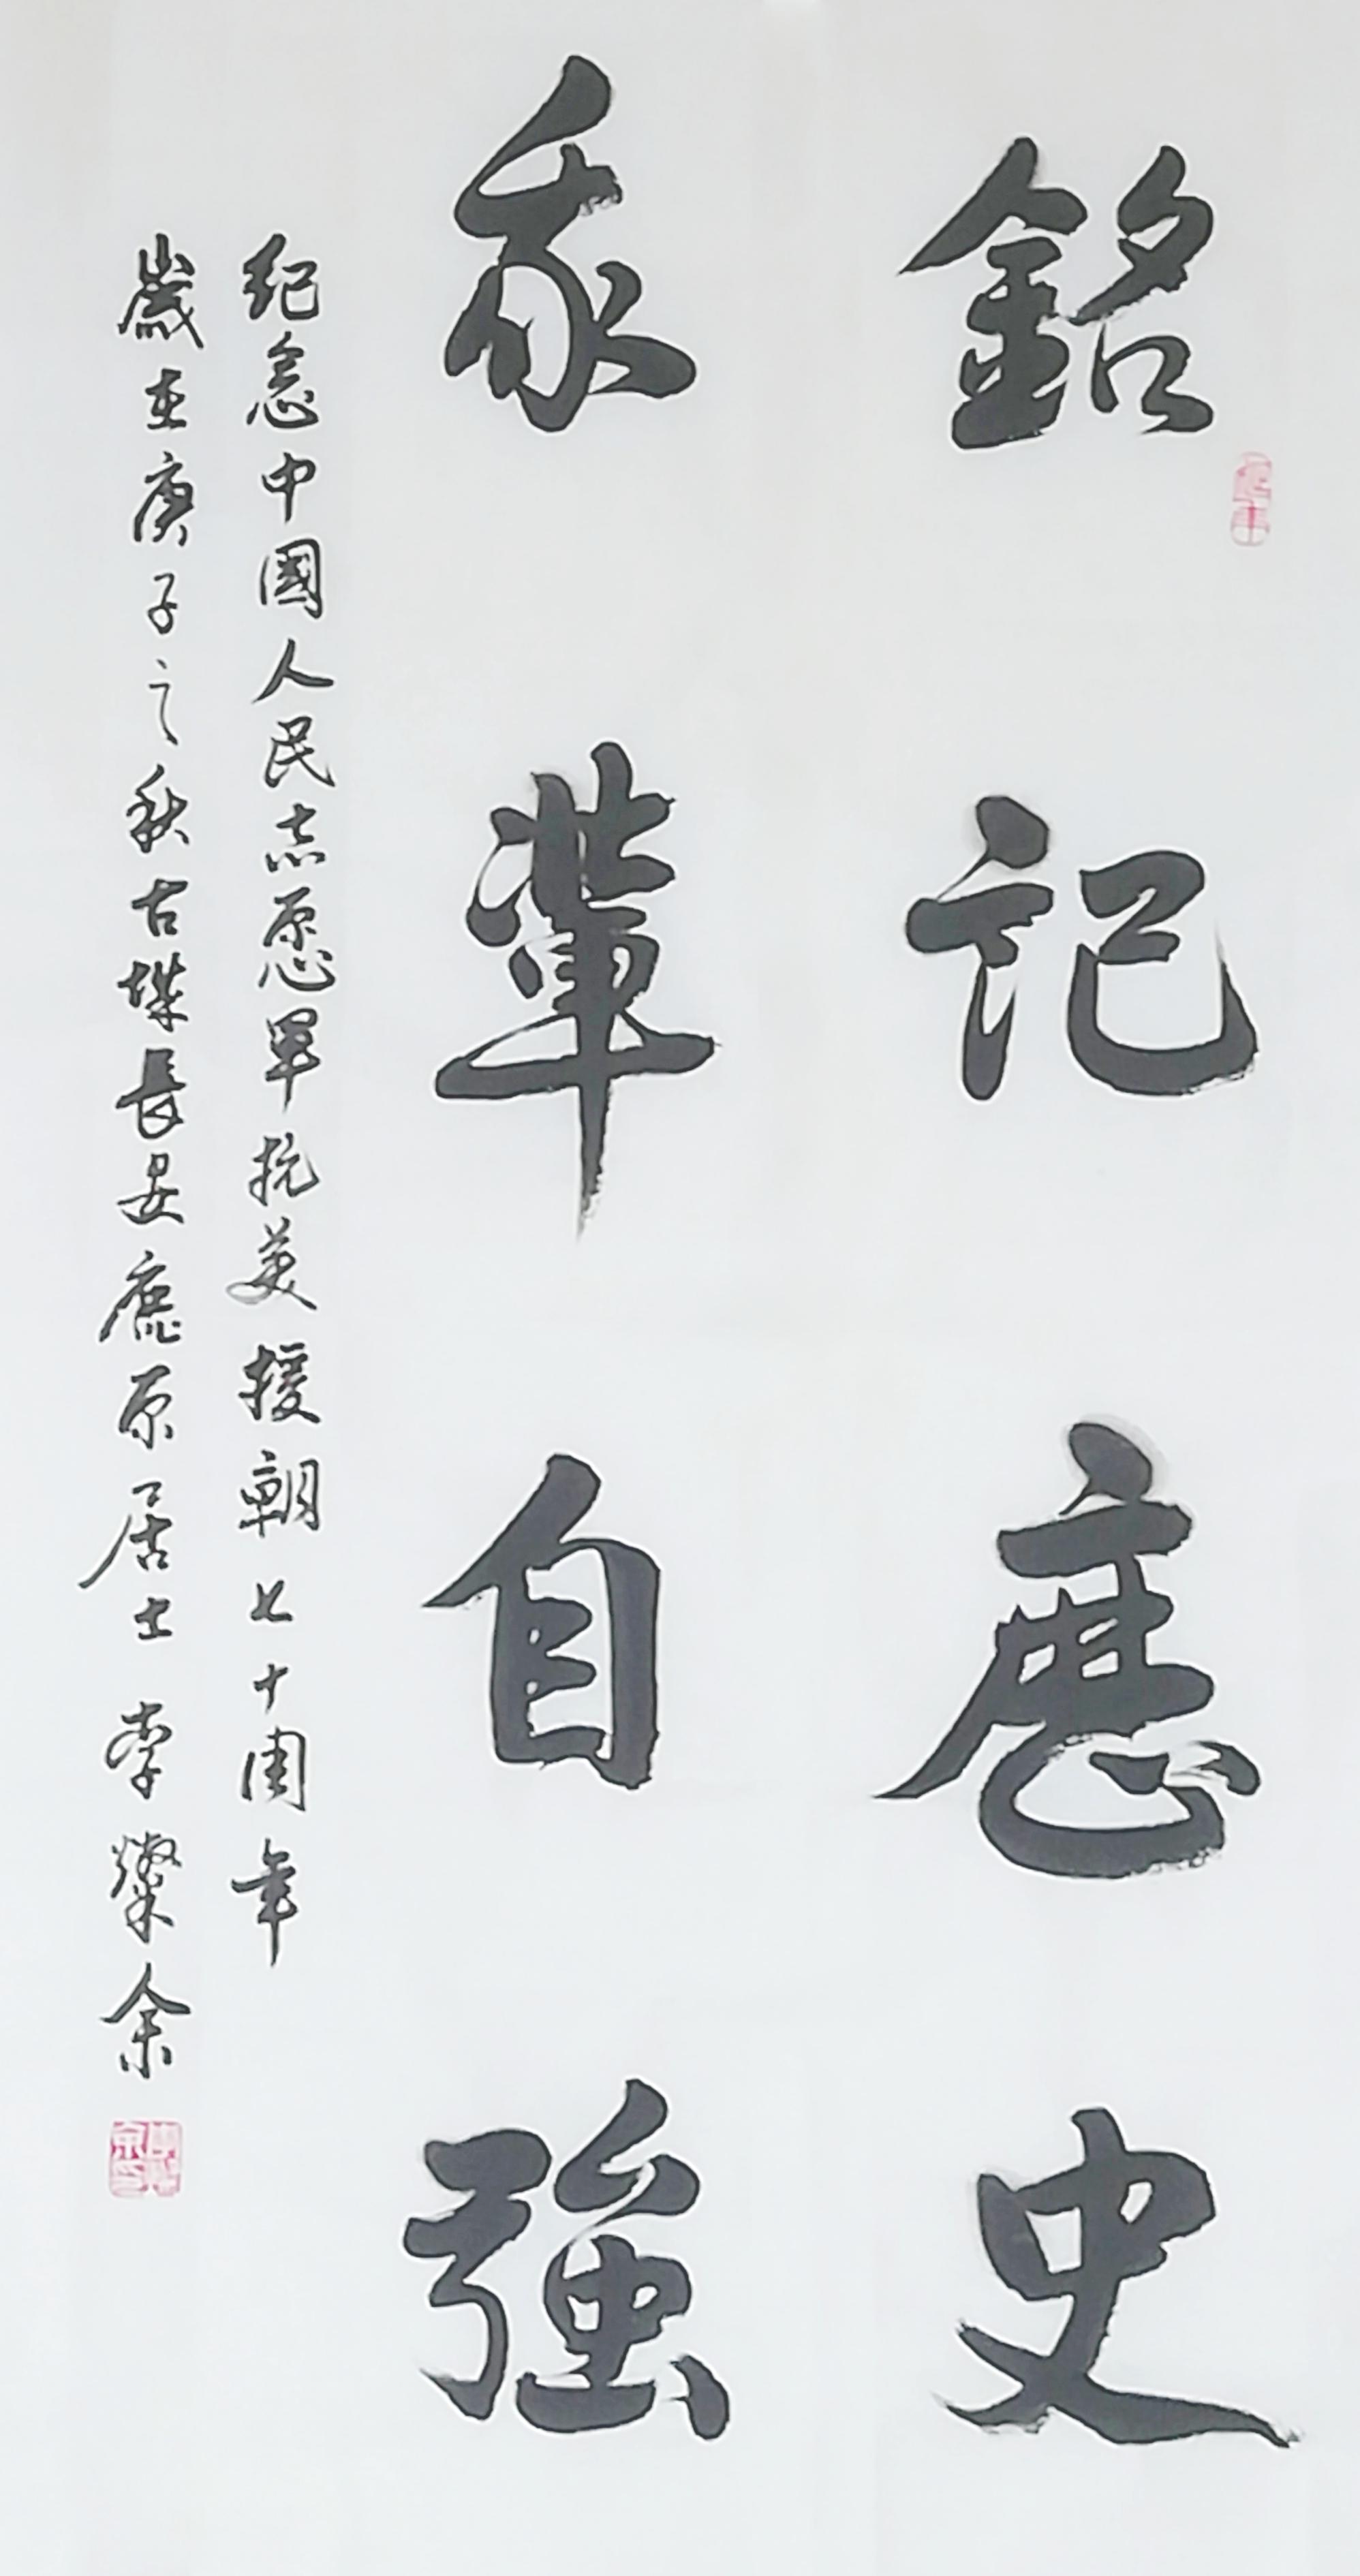 李灿余书法艺术欣赏